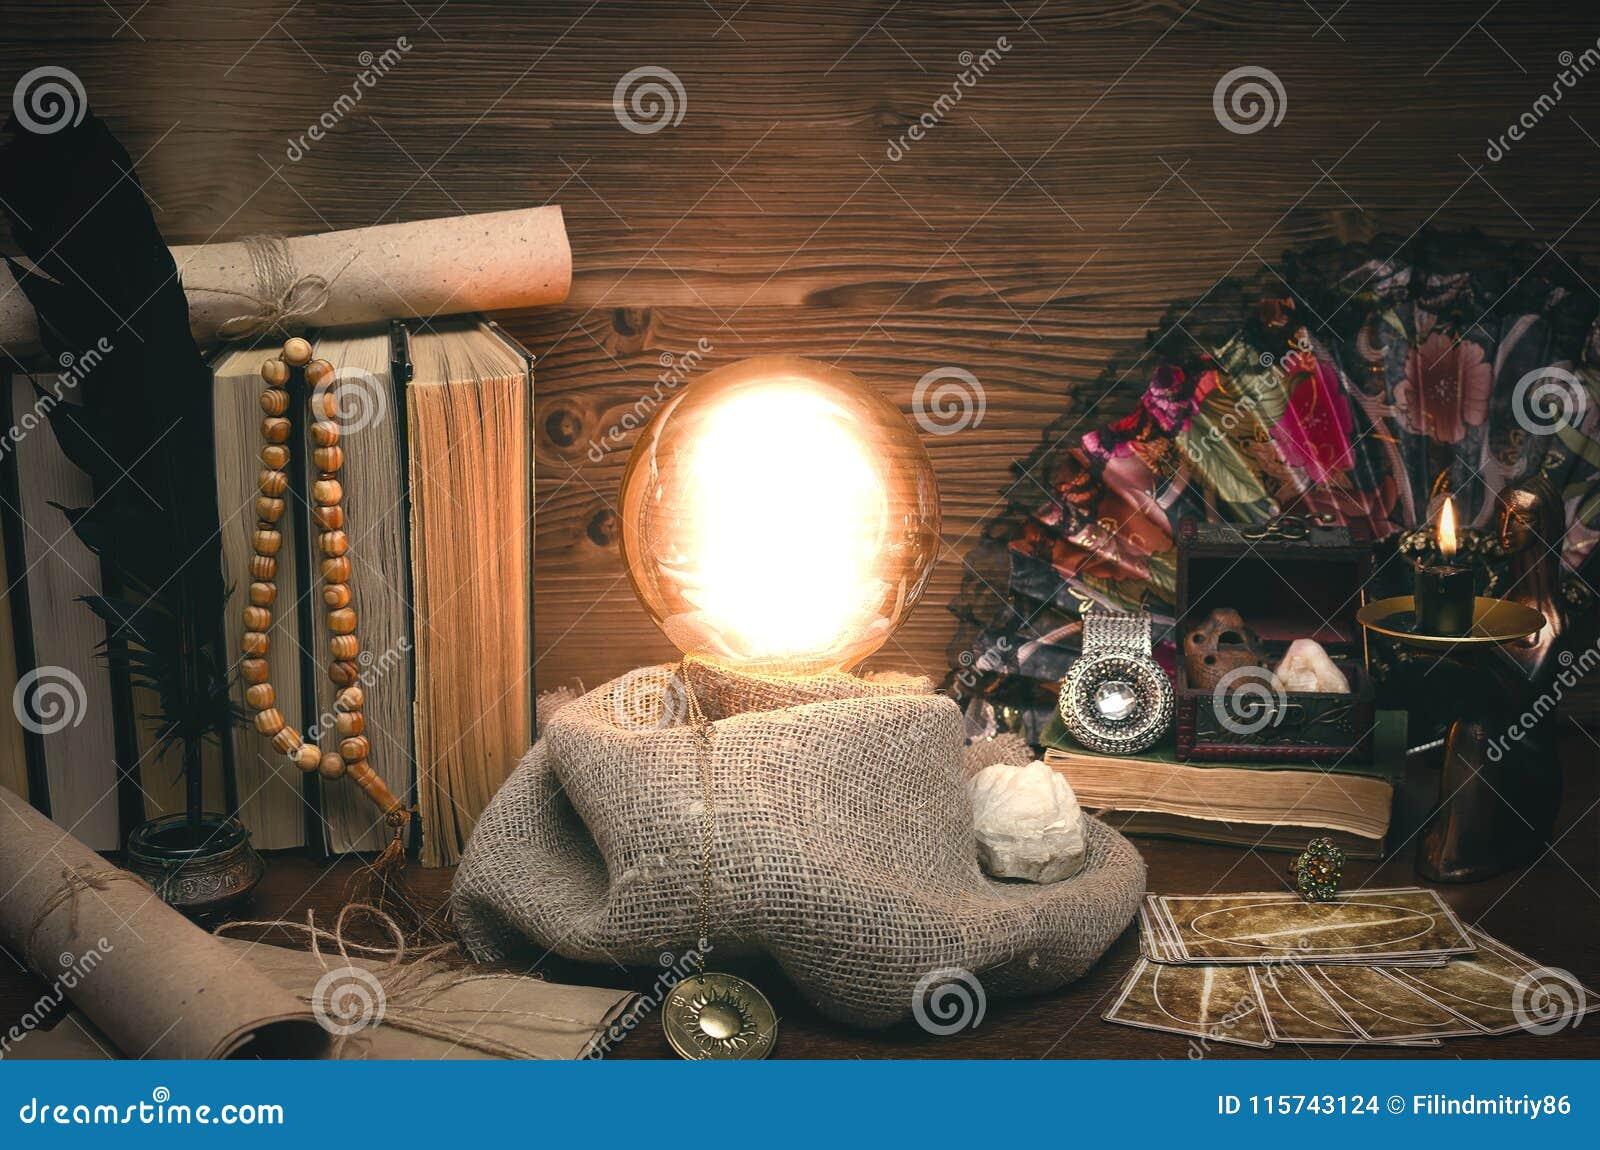 水晶球和占卜用的纸牌 未来读书 命运占卜